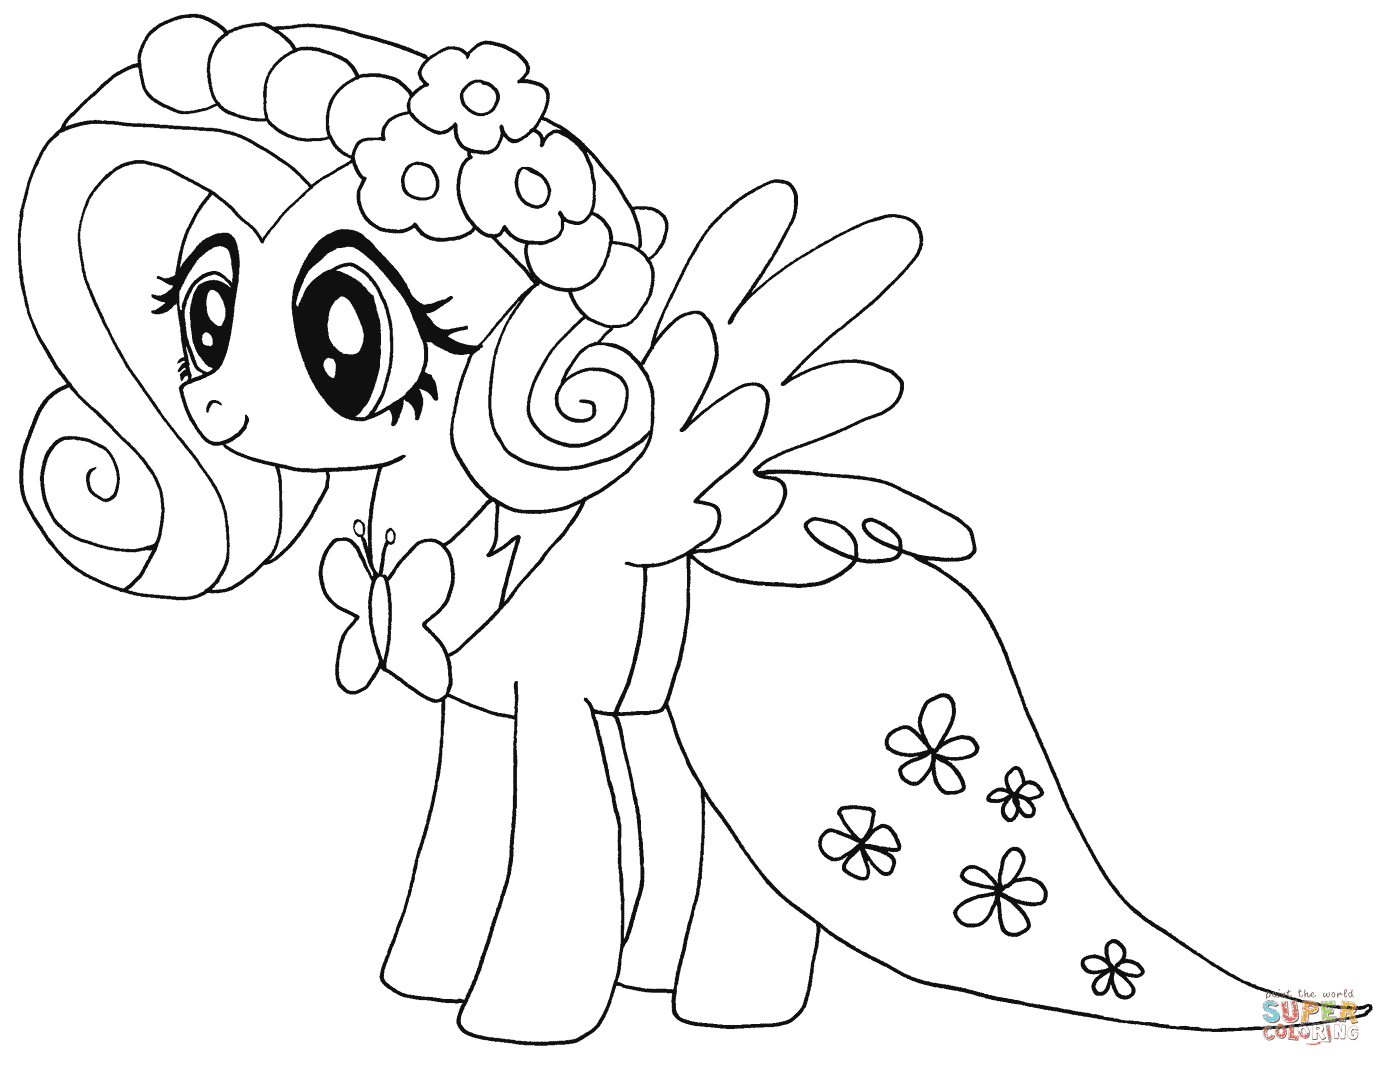 Klick das Bild My Little Pony Fluttershy